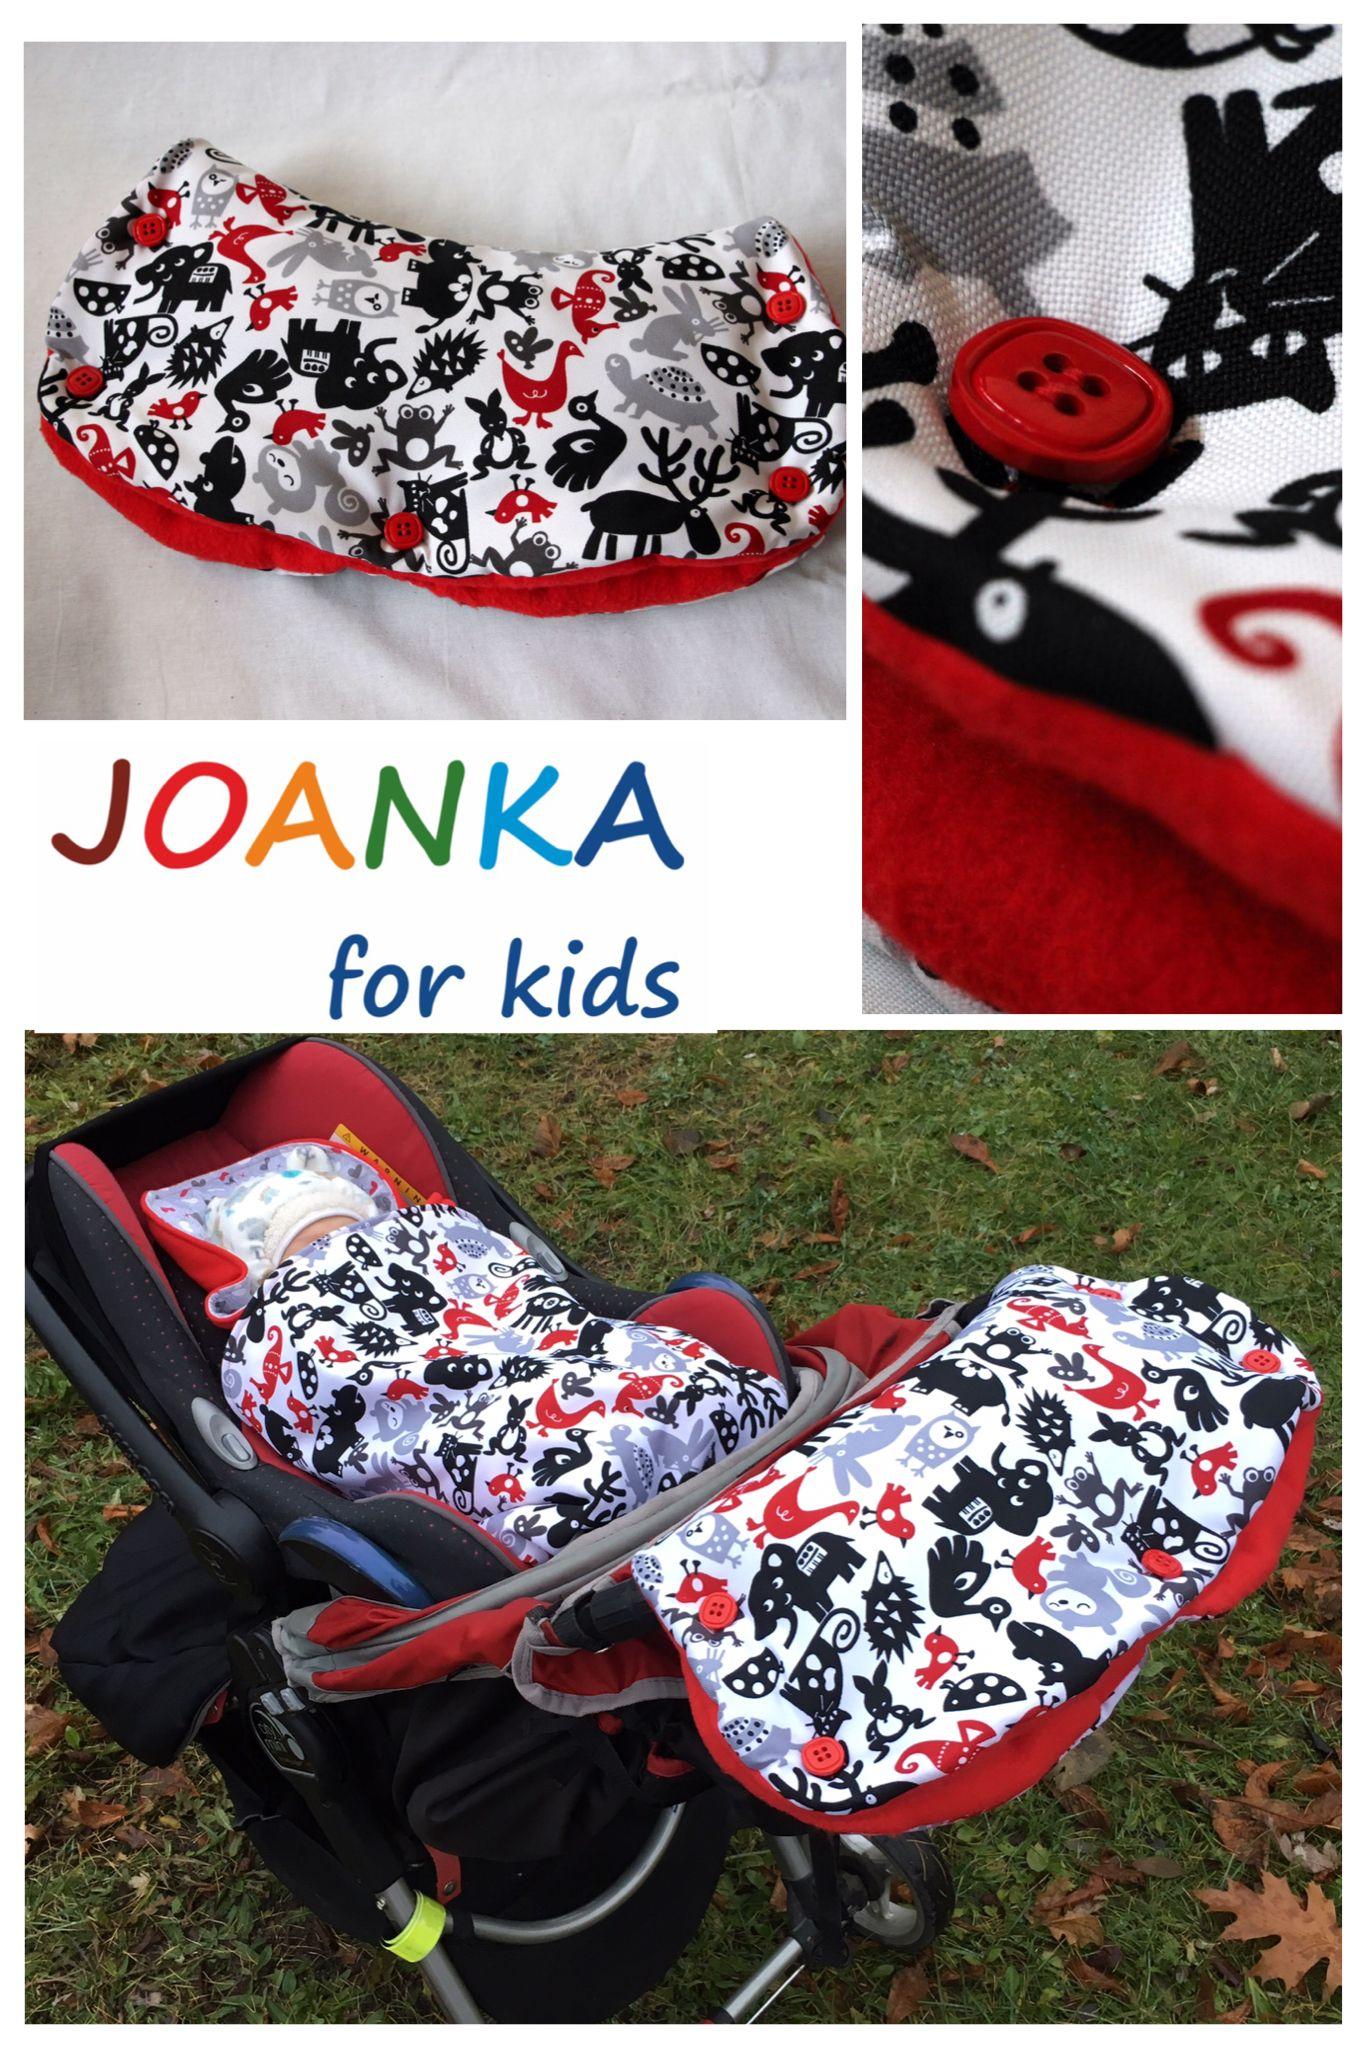 Pin By Joanna Wieszczyk On Joanka For Kids